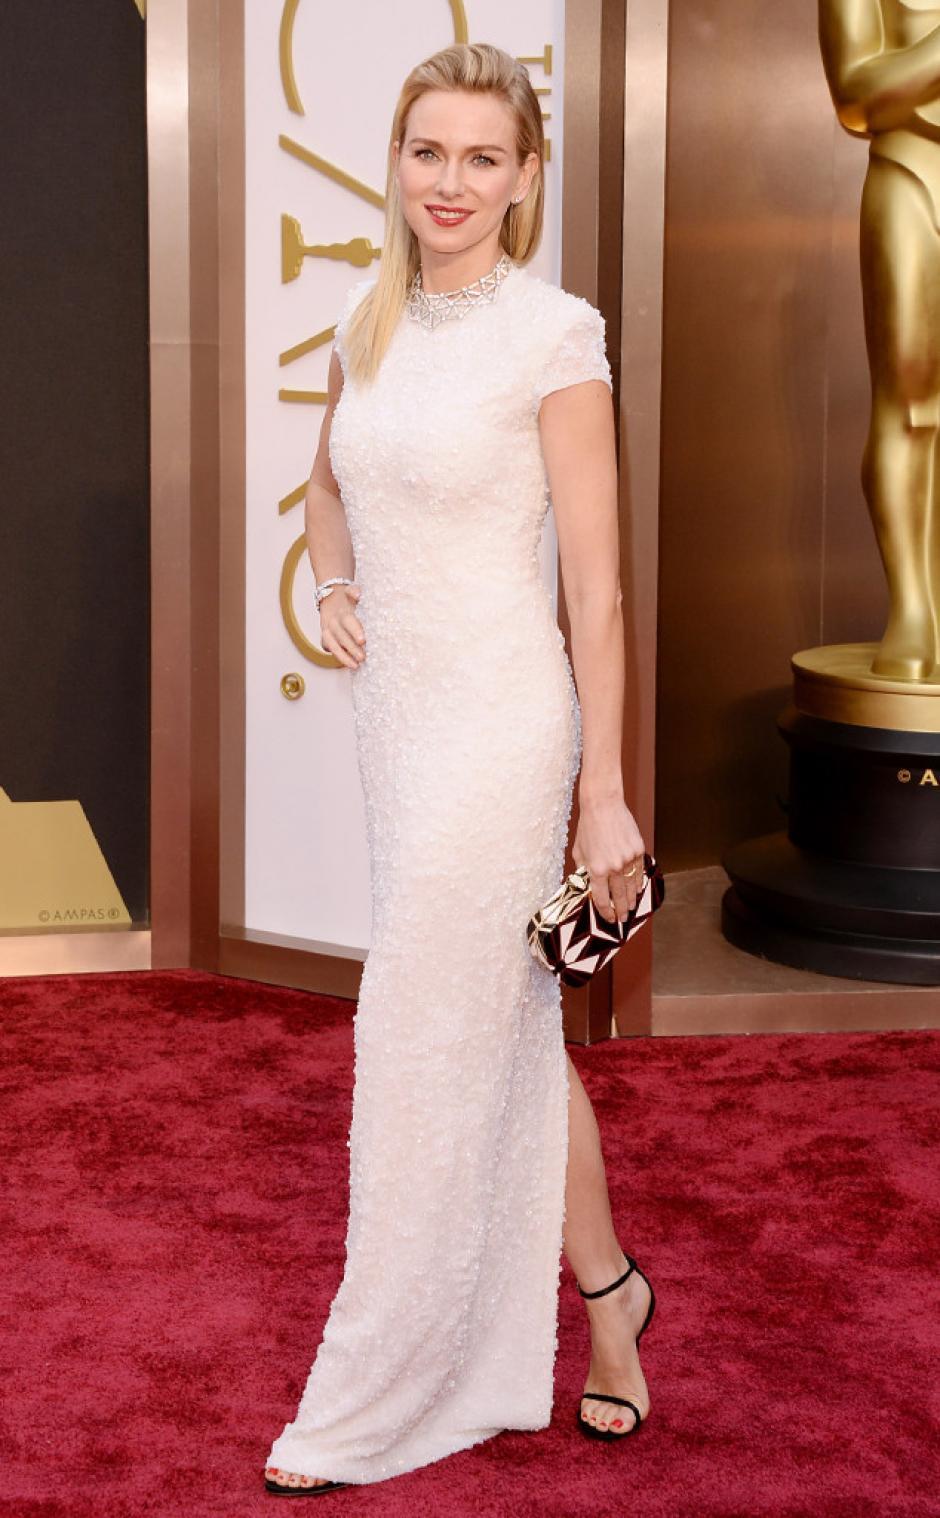 Naomi Watts utilizó unos zapatos y un vestido muy tradicional de la colección Calvin Klein. (Foto: E!)